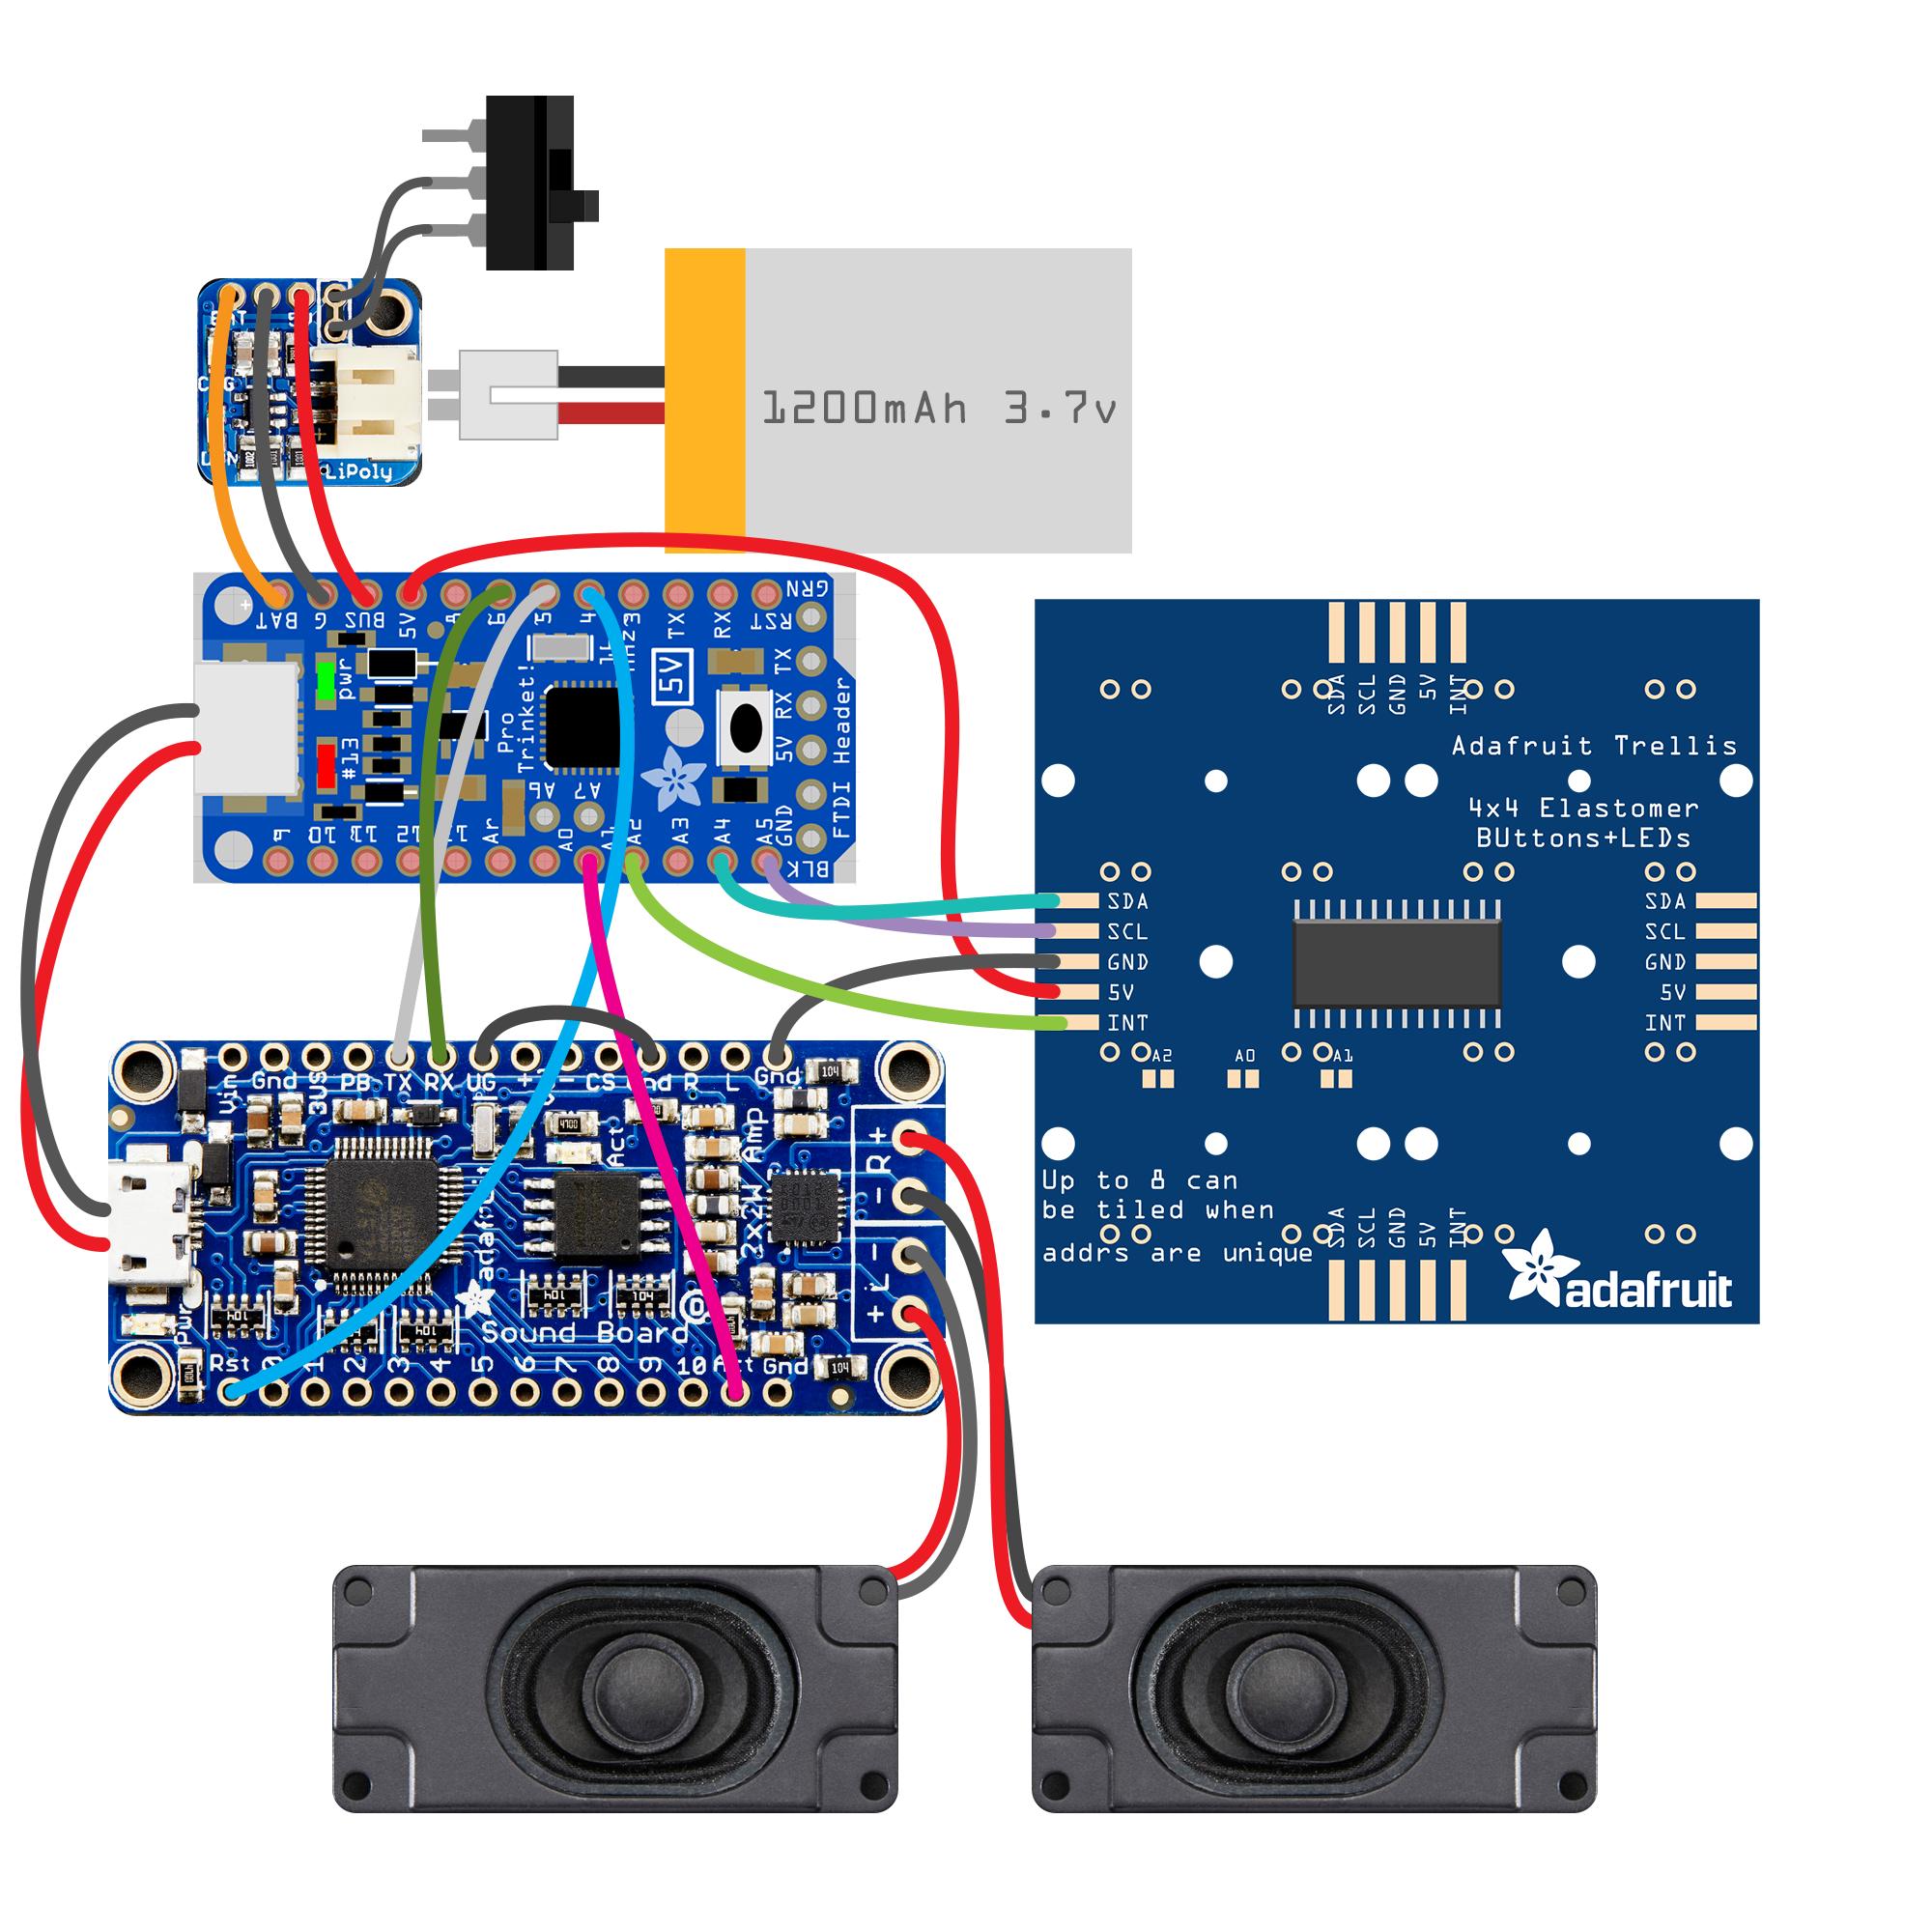 3d_printing_circuit-diagram-v3.png